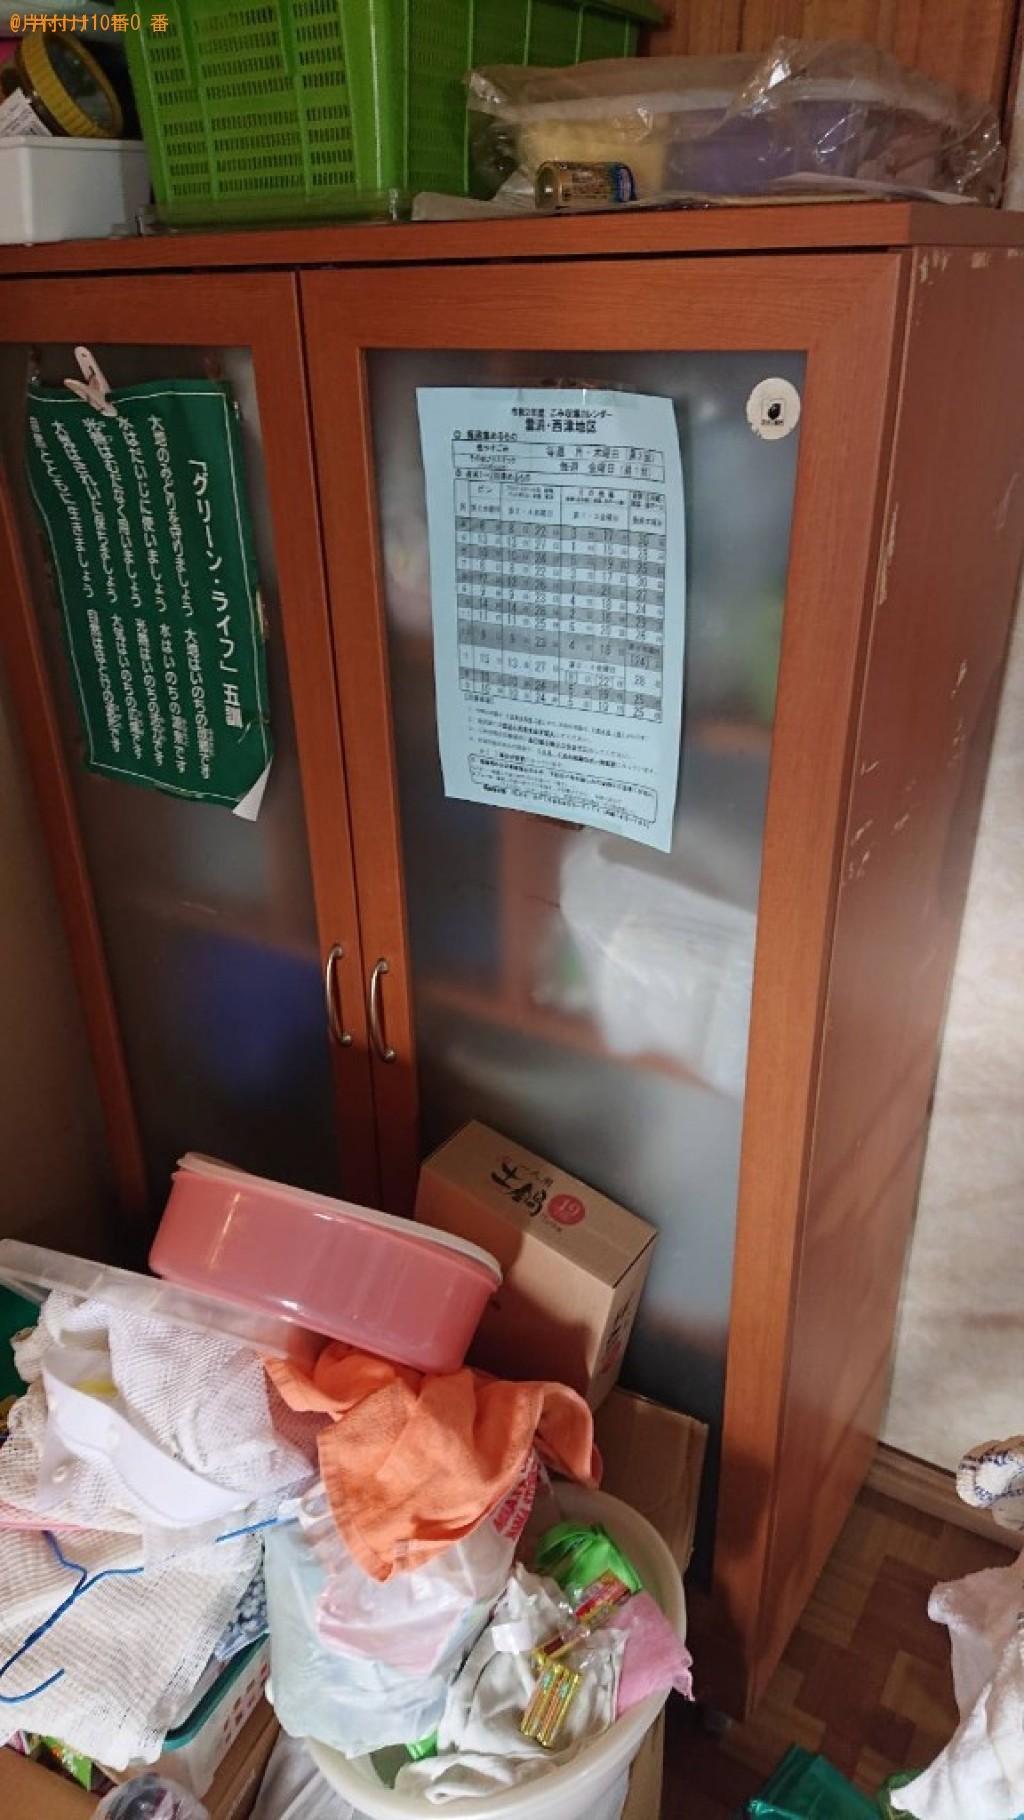 【小浜市後瀬町】家具・家電などの出張不用品回収・処分ご依頼